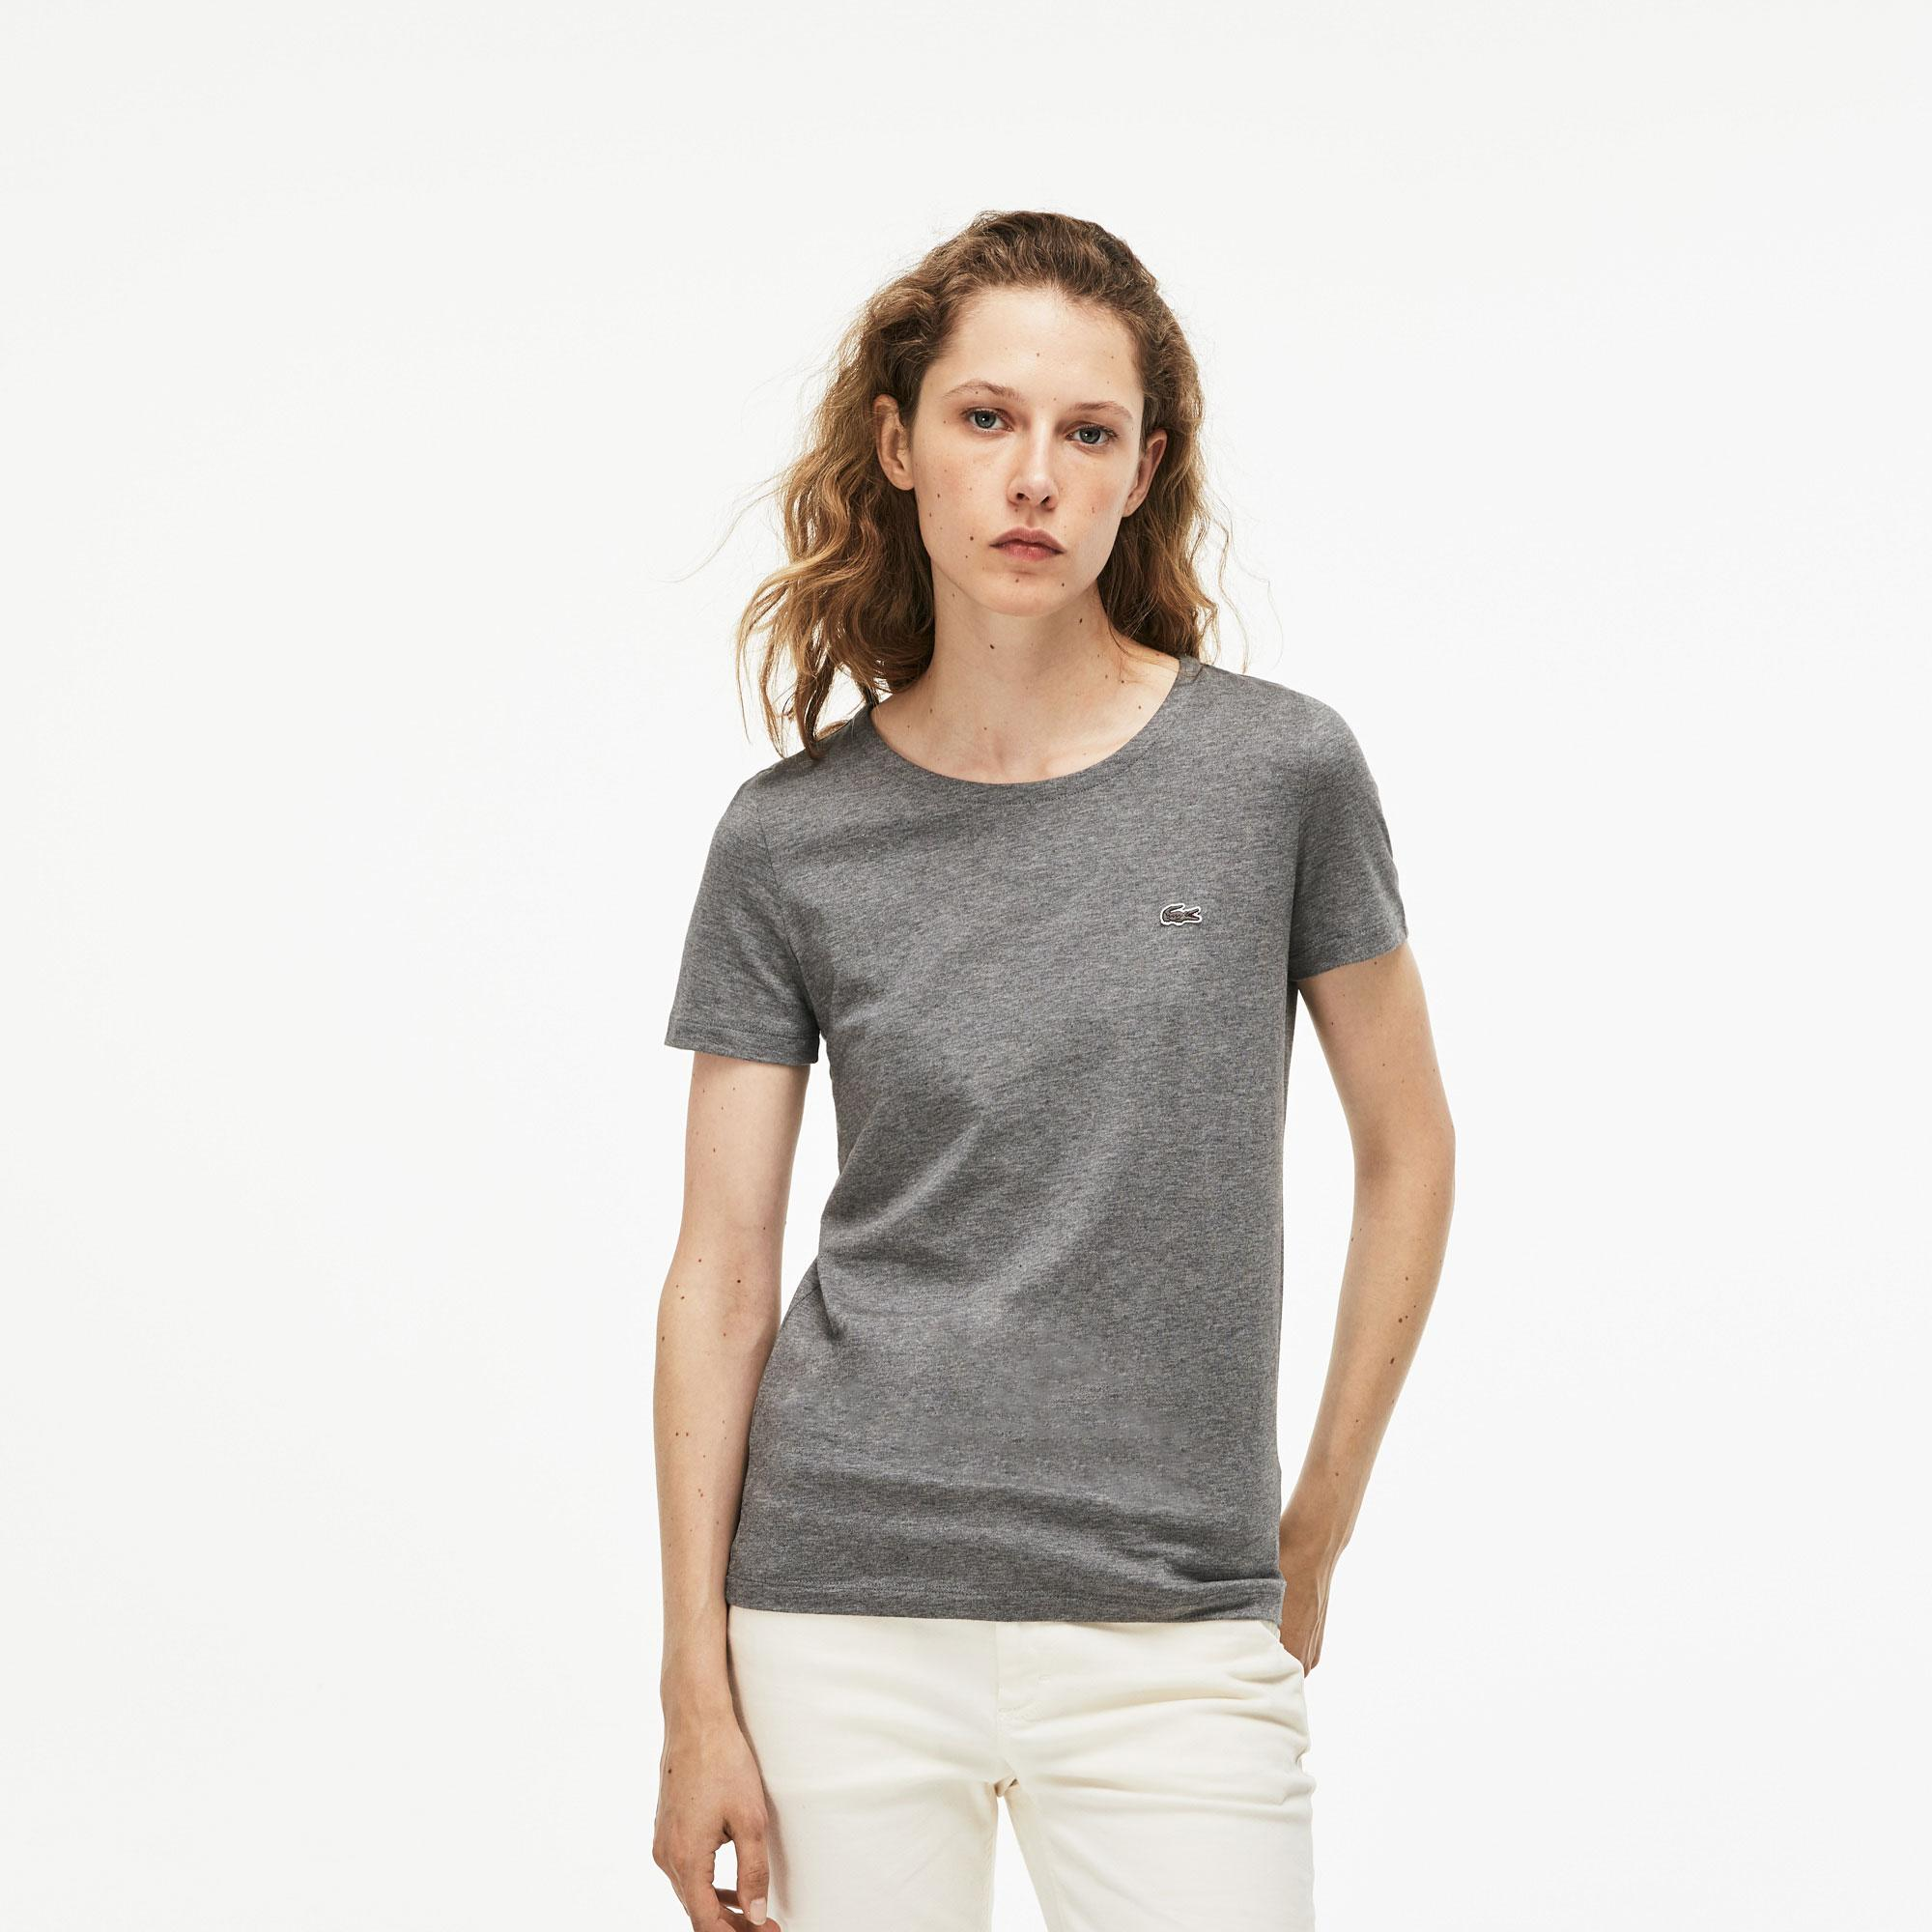 Lacoste Kadın Bisiklet Yaka Gri Kısa Kollu T-Shirt